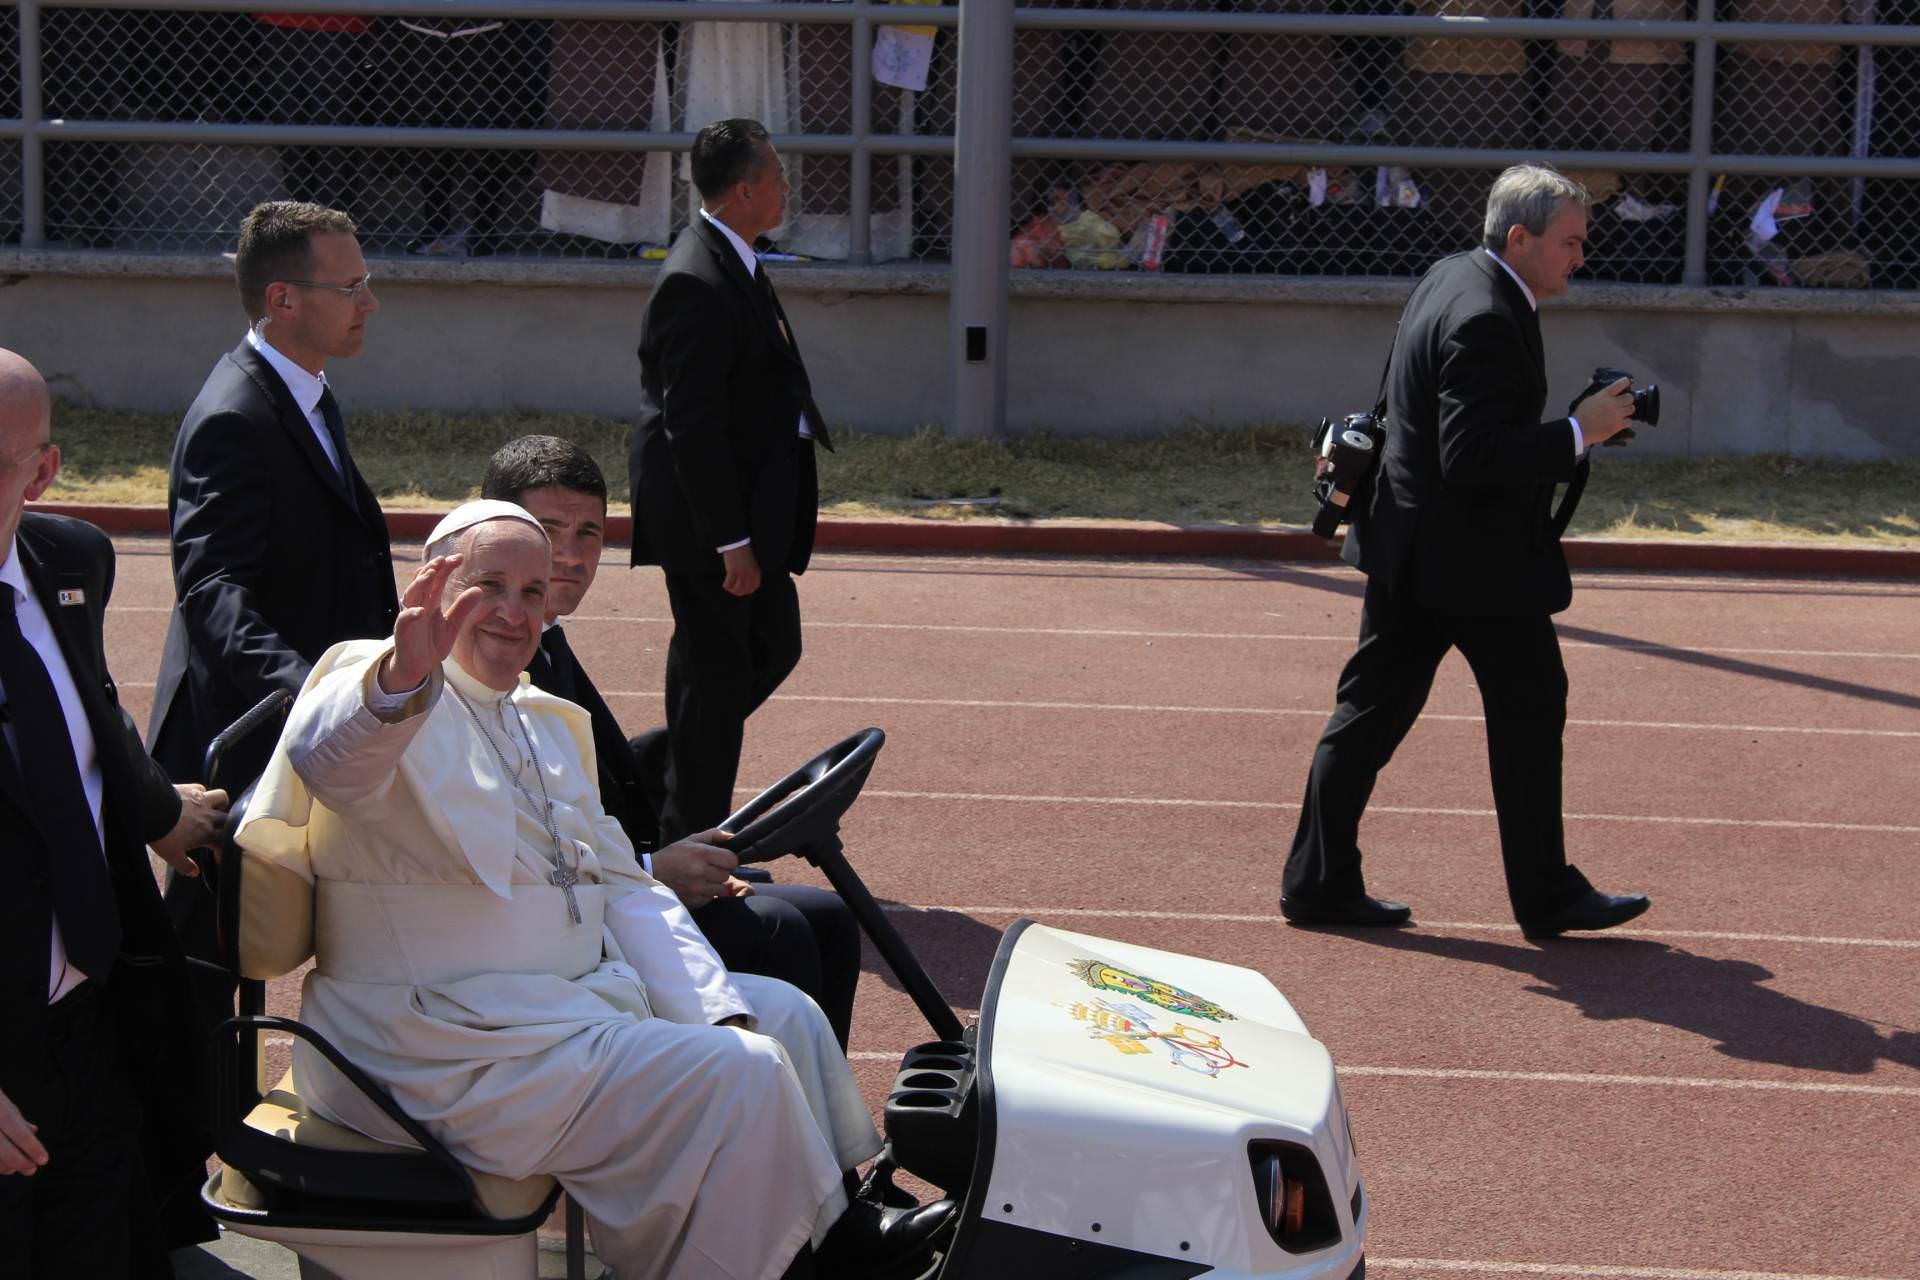 Papa telefona para mãe que perdeu seu filho em um acidente de trânsito